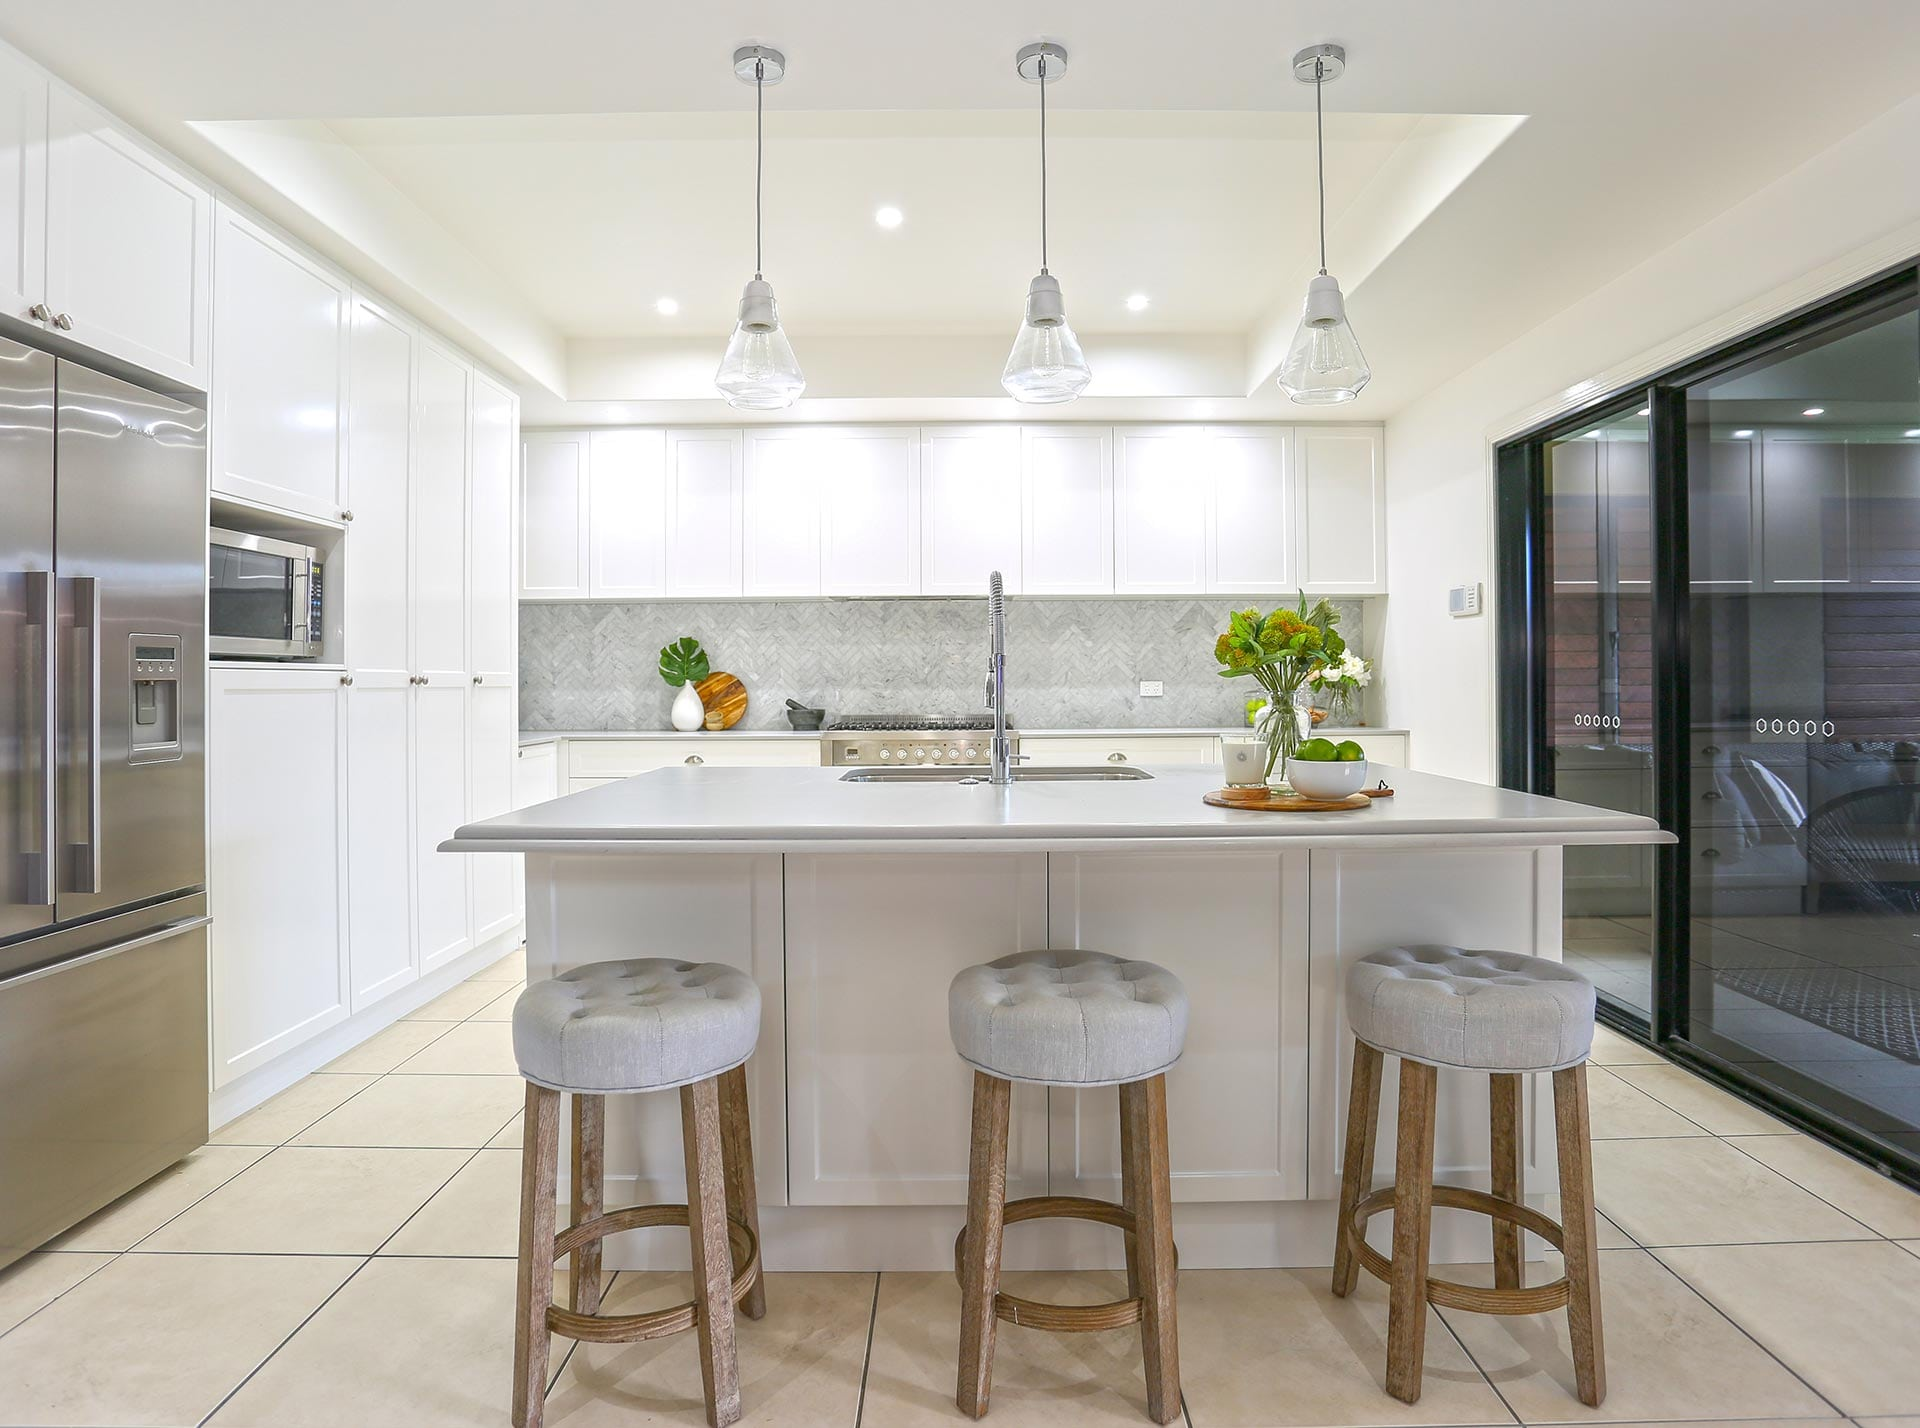 Wilcox kitchen